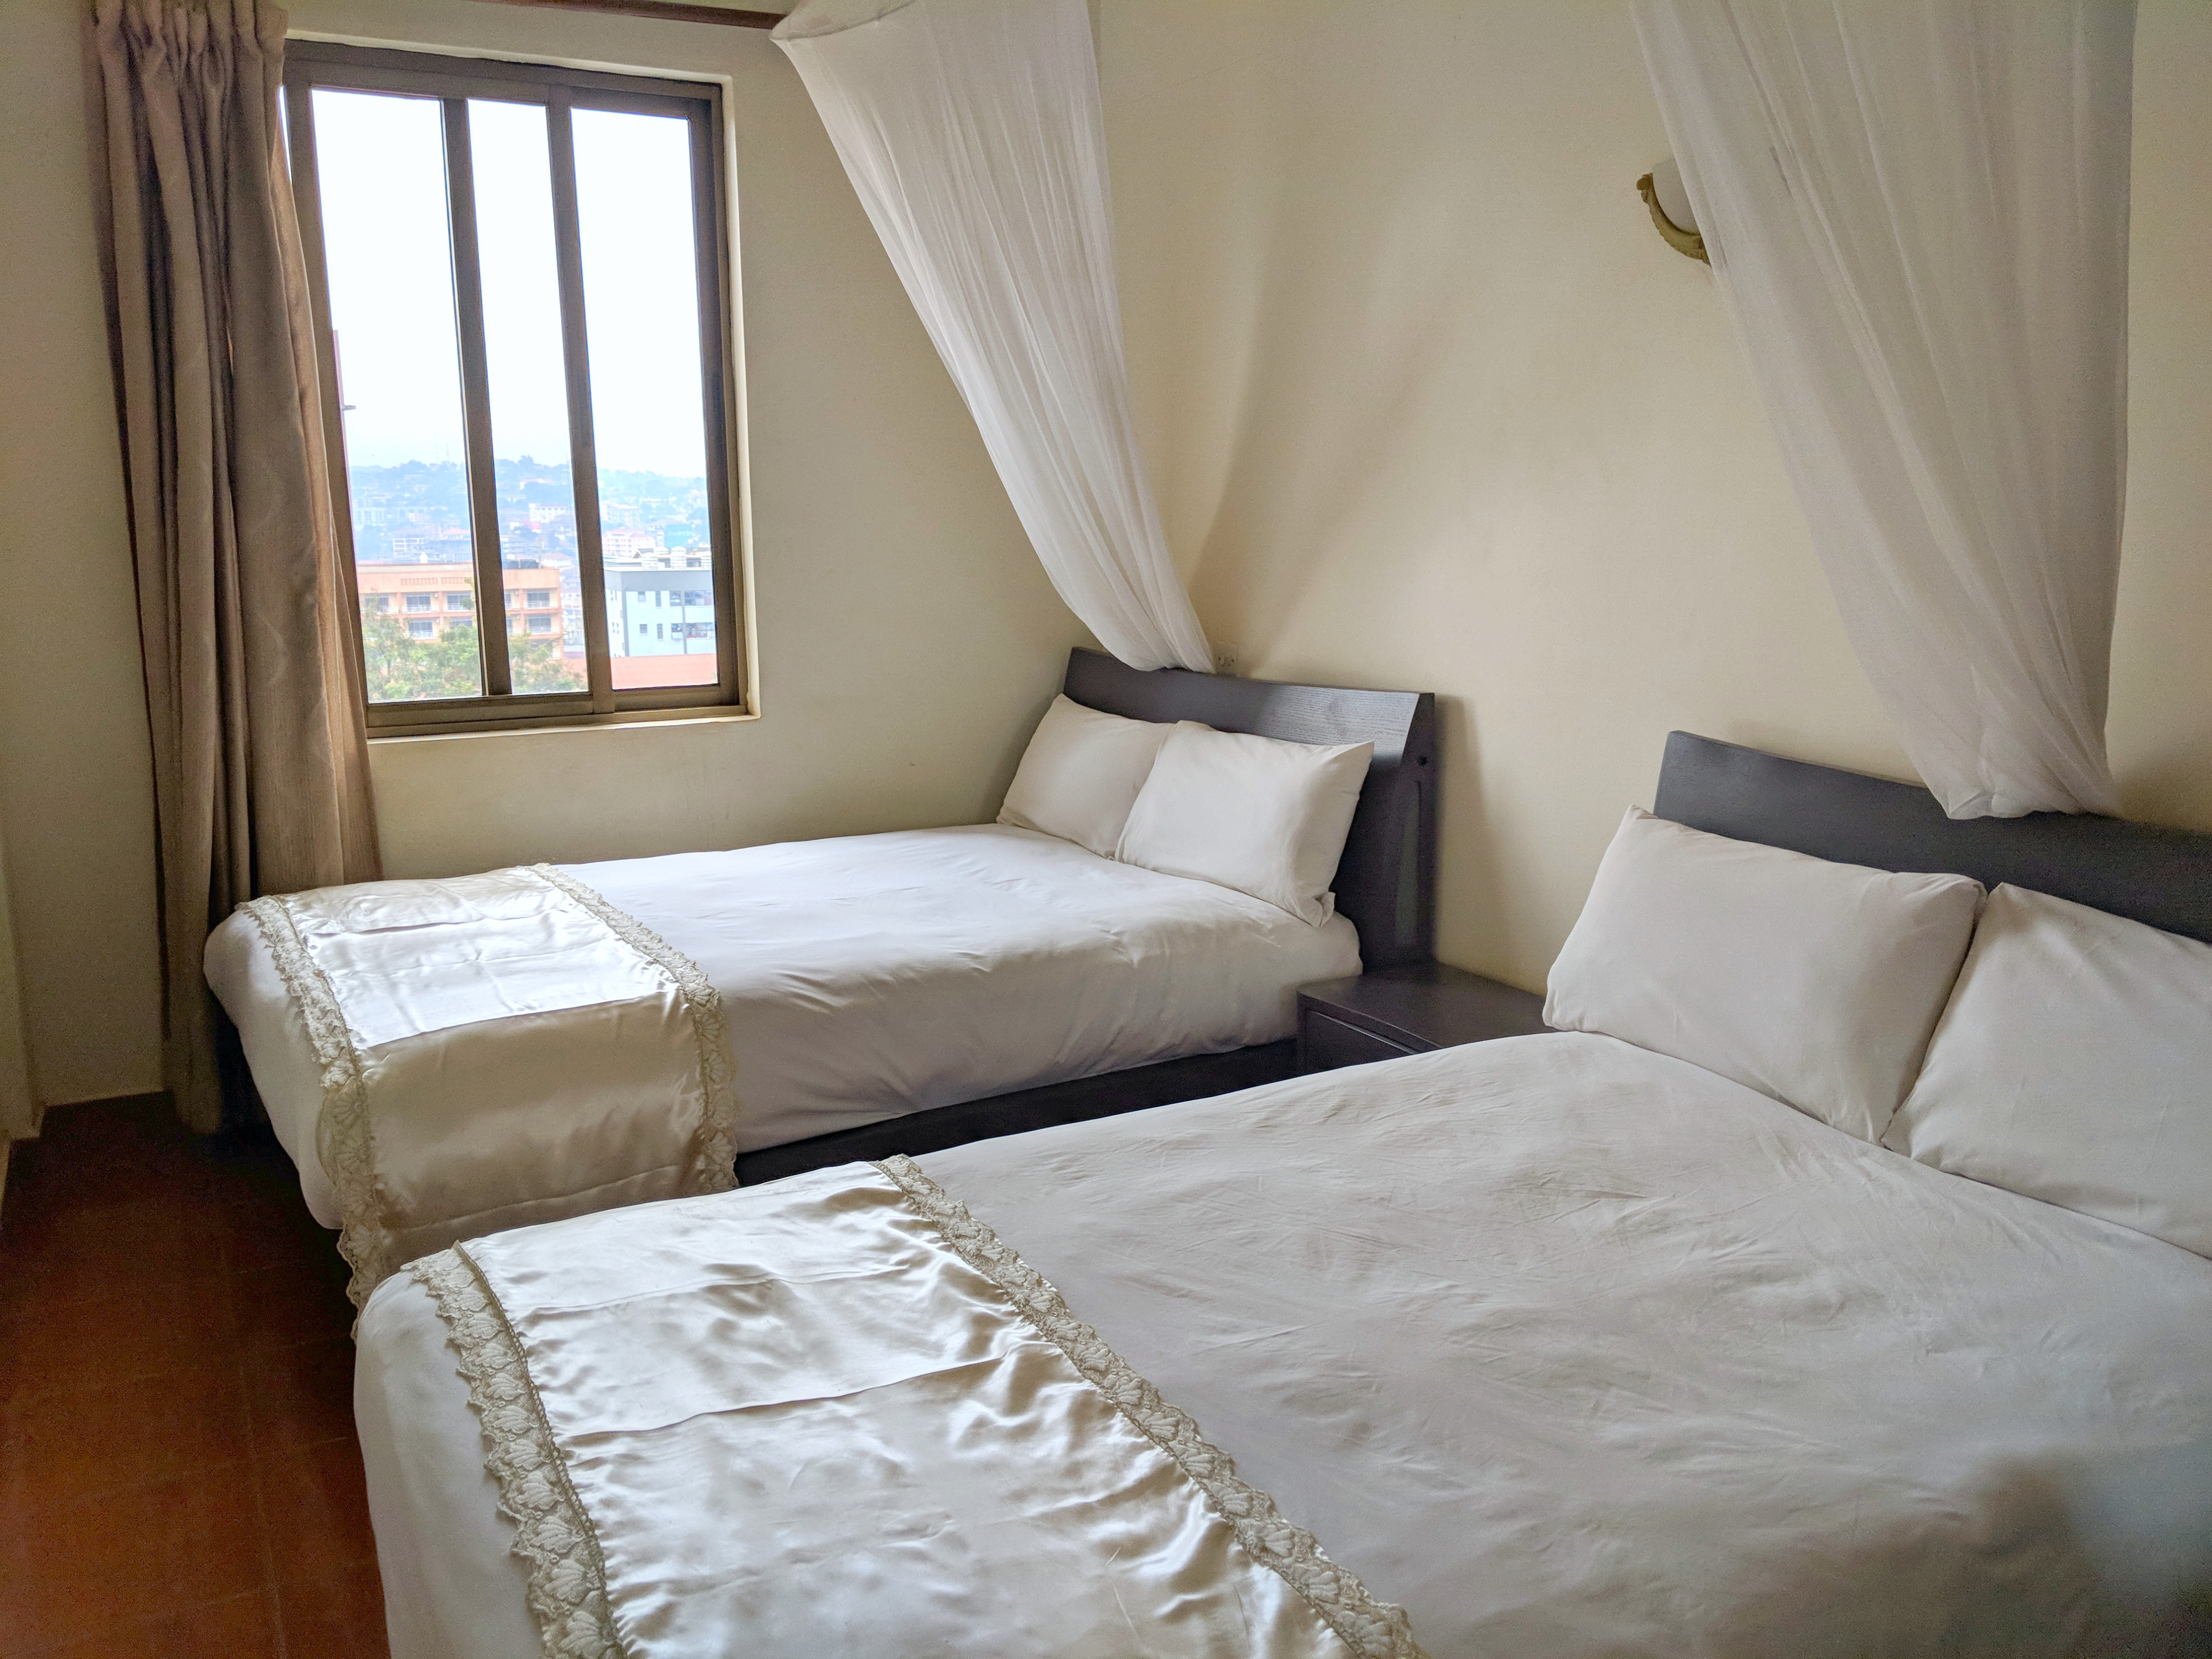 cheap-hotels-in-kampala